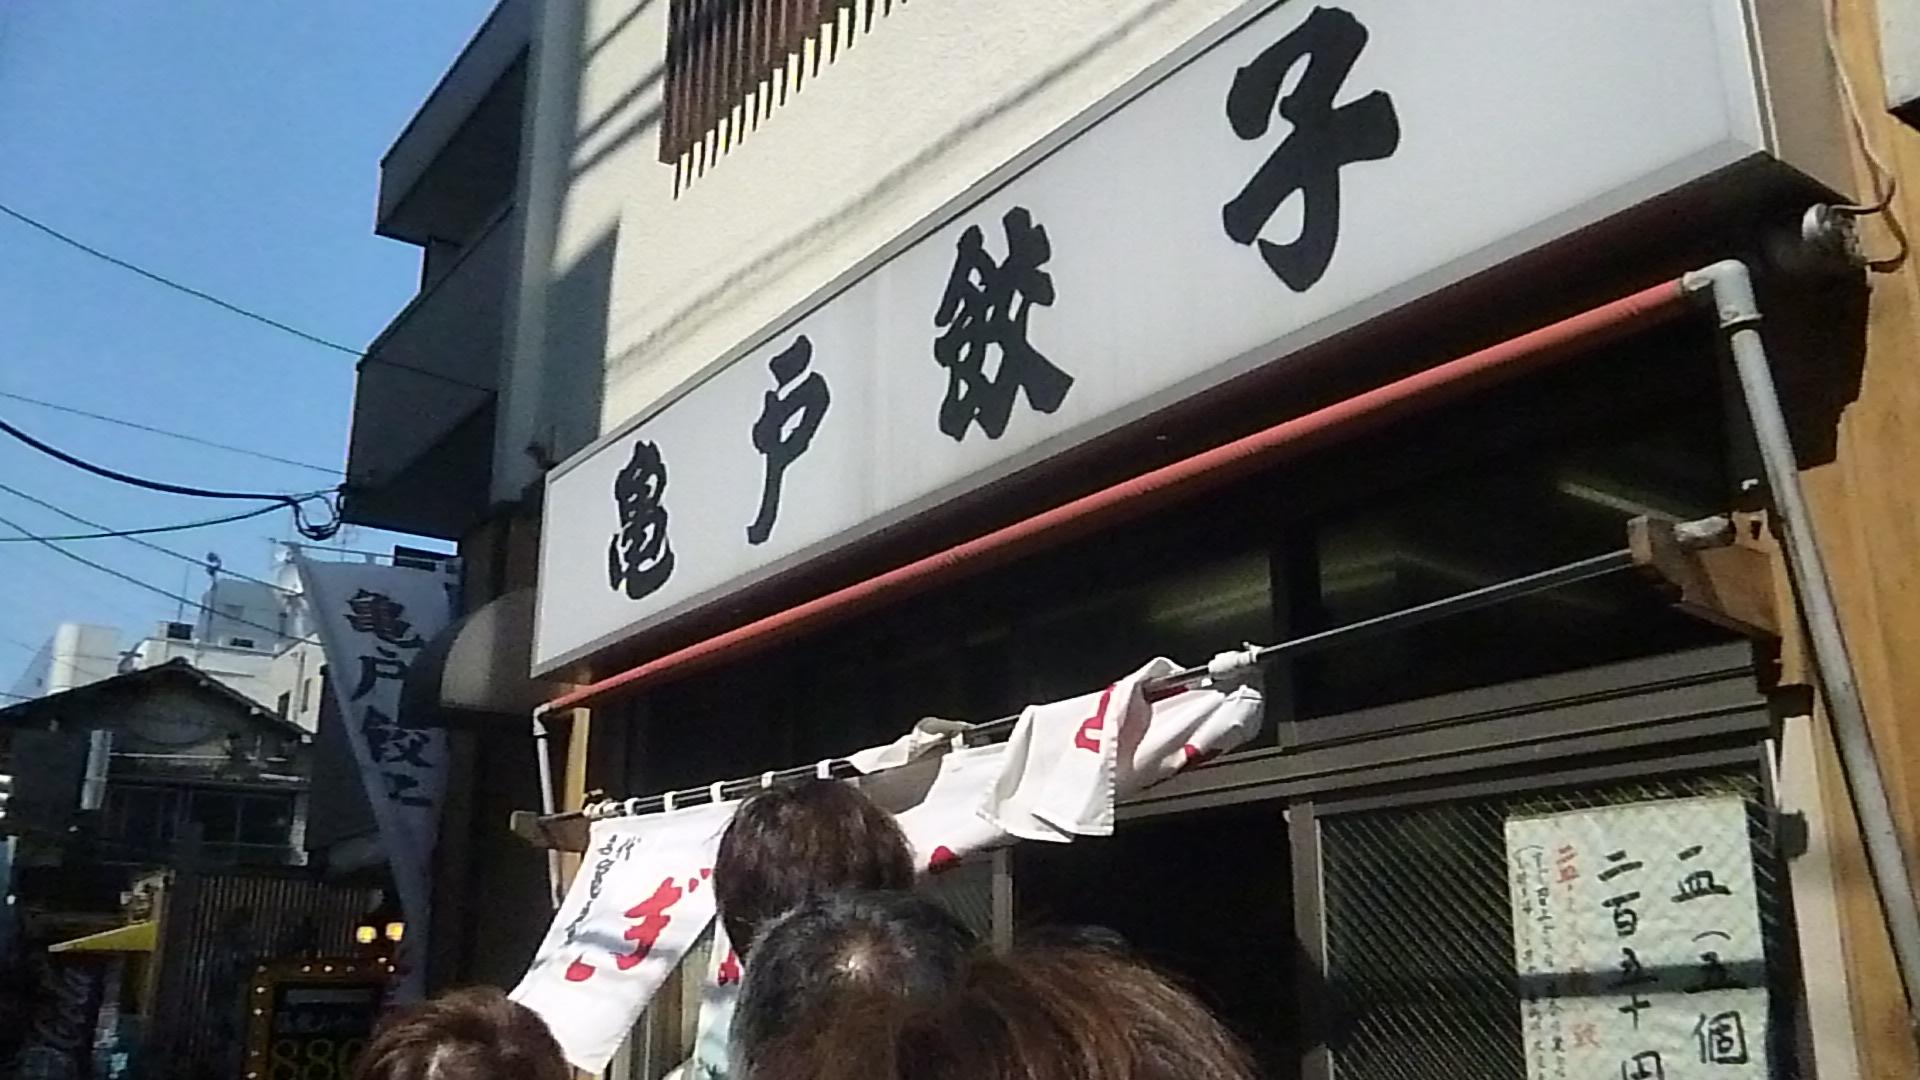 東京気分転換ツアー 亀戸編_c0249163_2135980.jpg